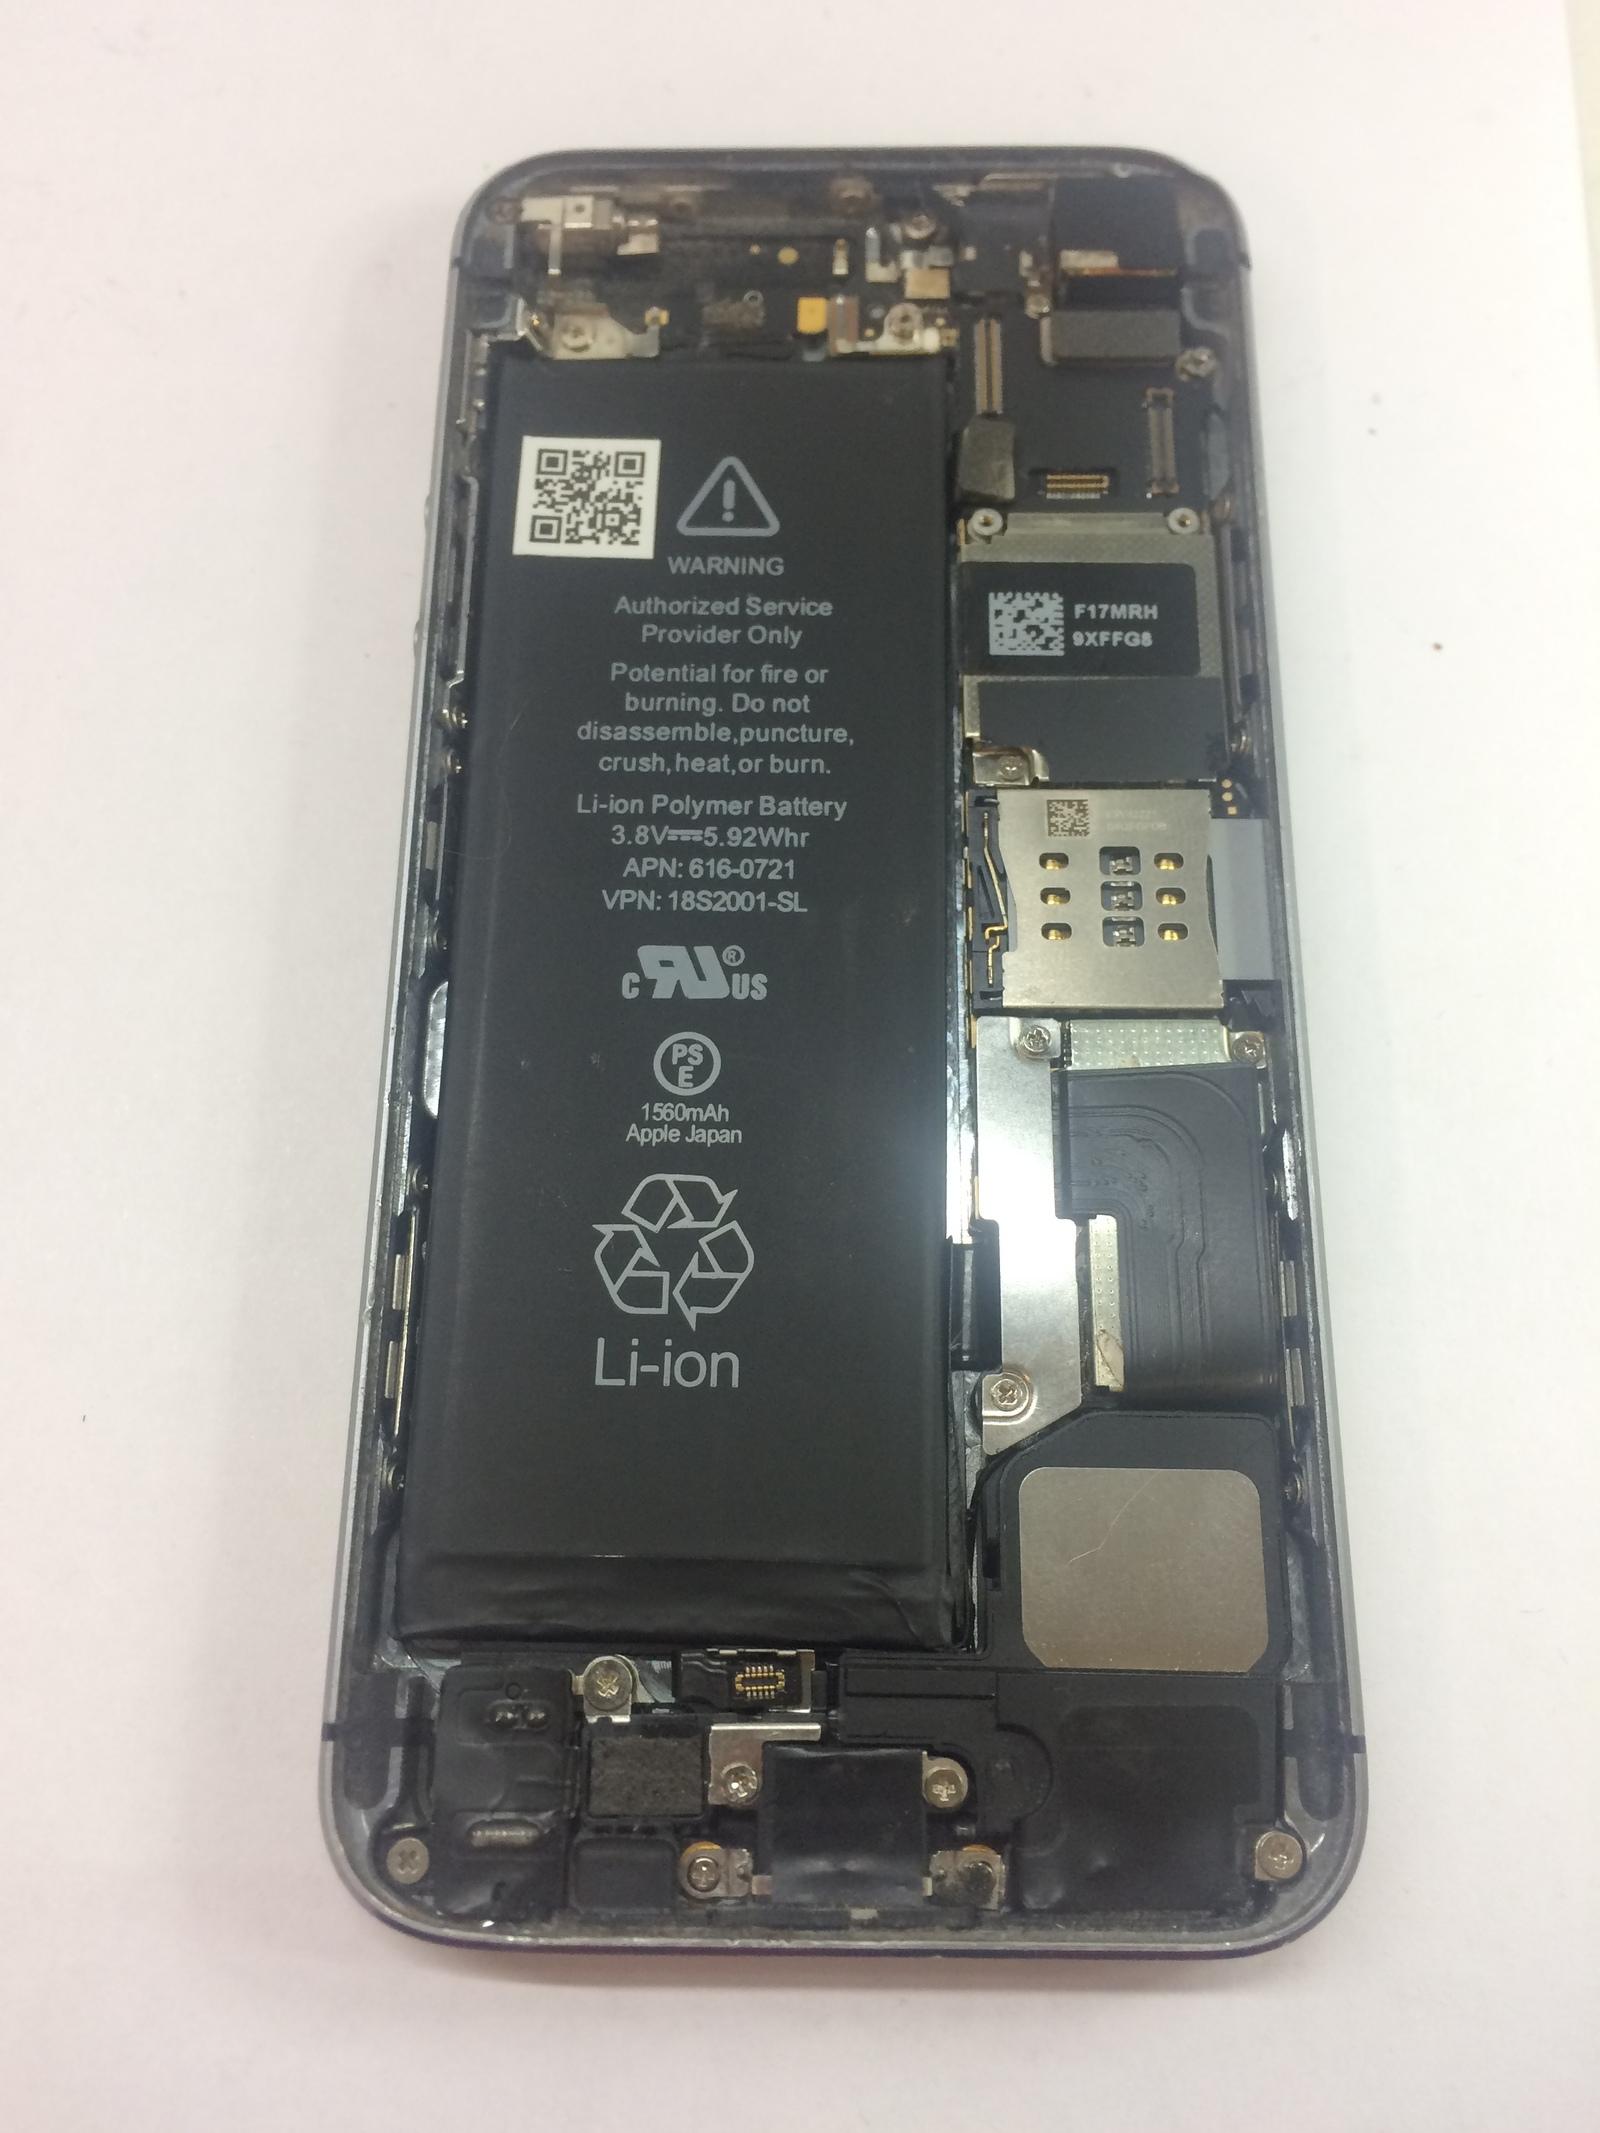 сколько миллиампер в iphone 5s